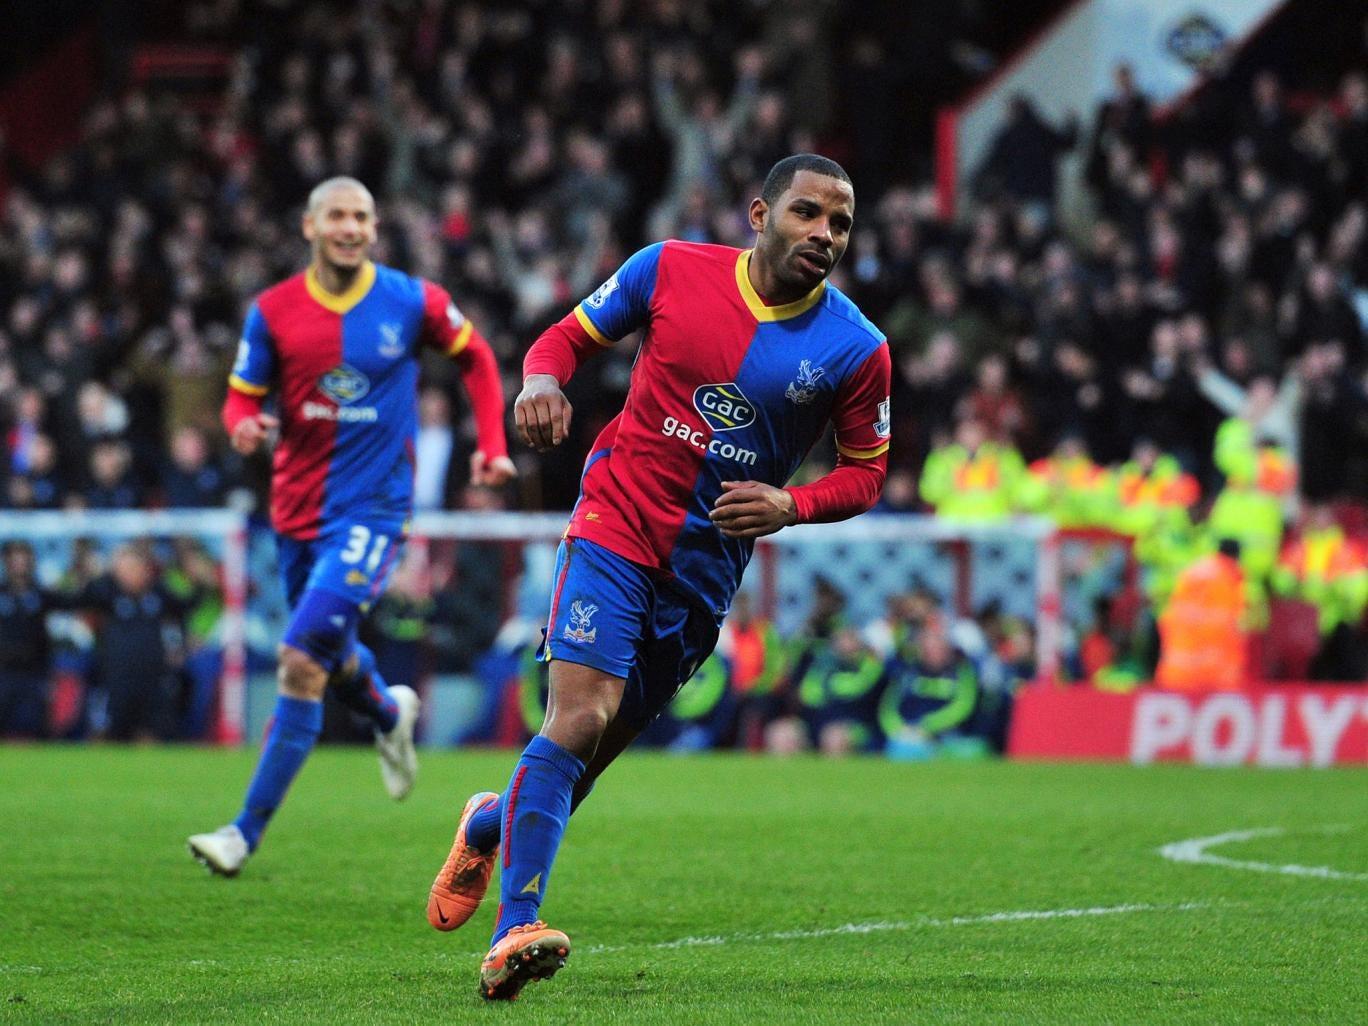 Jason Puncheon celebrates scoring against Stoke